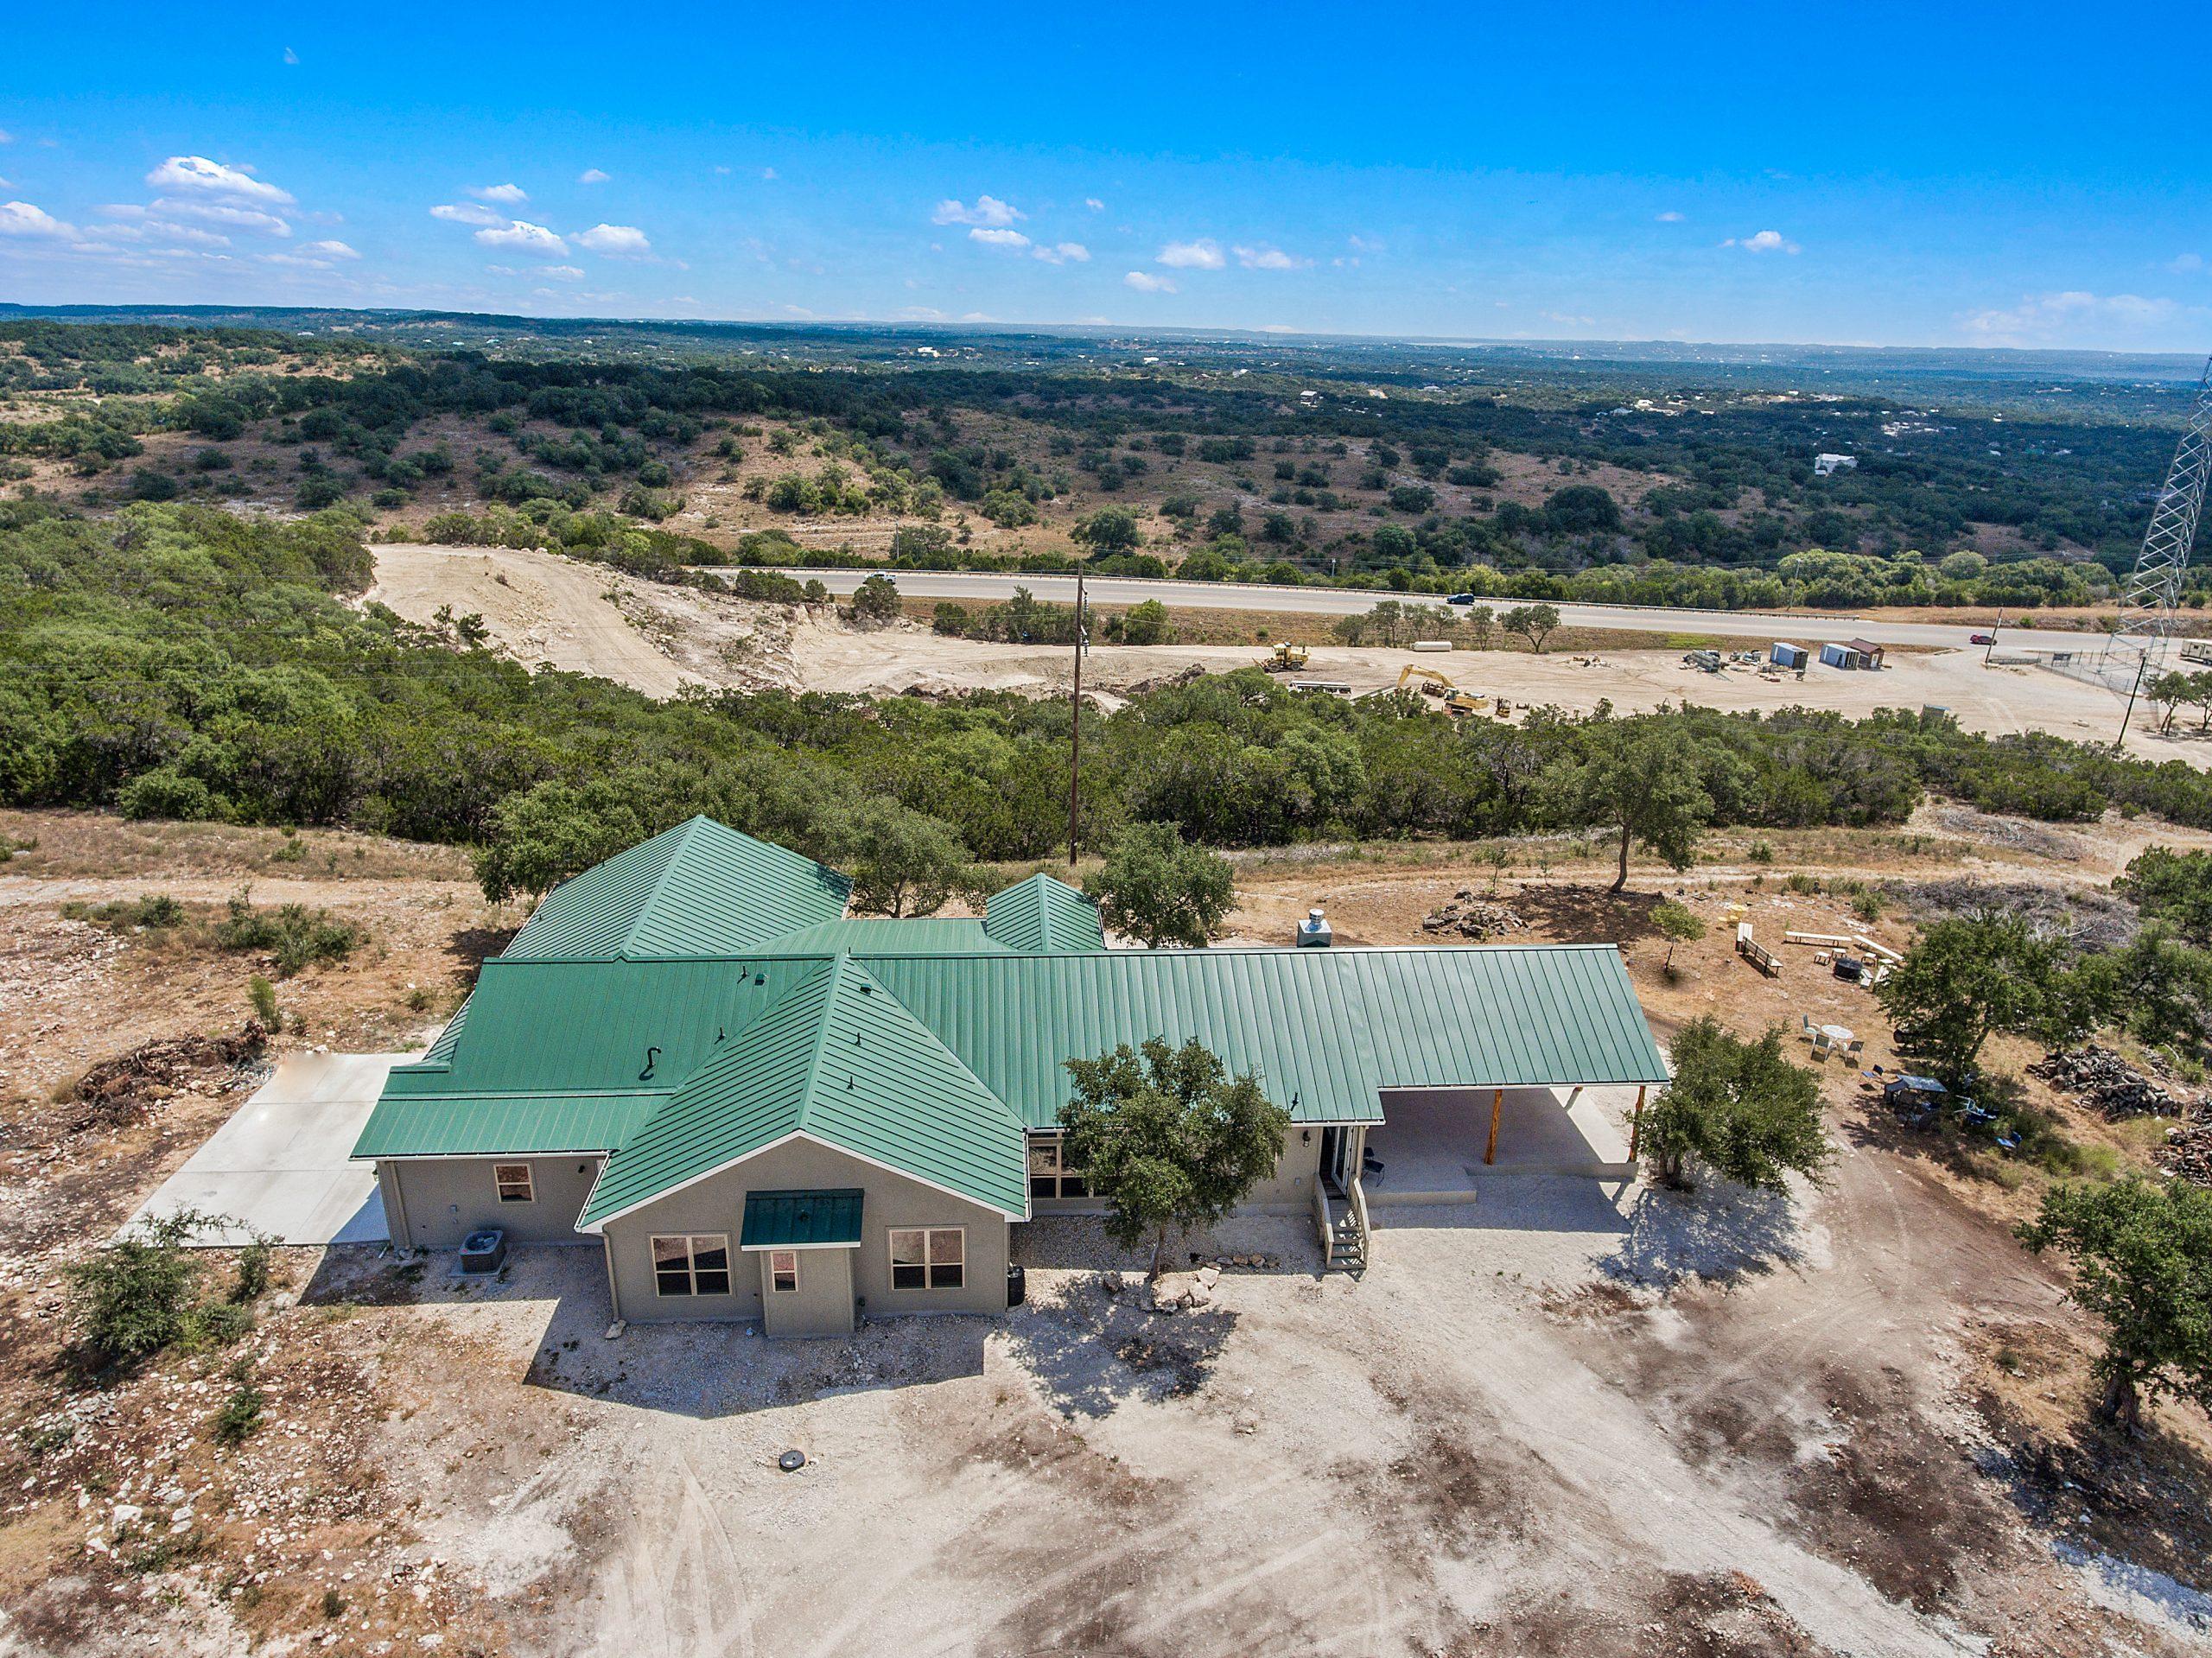 Rancho Mirador